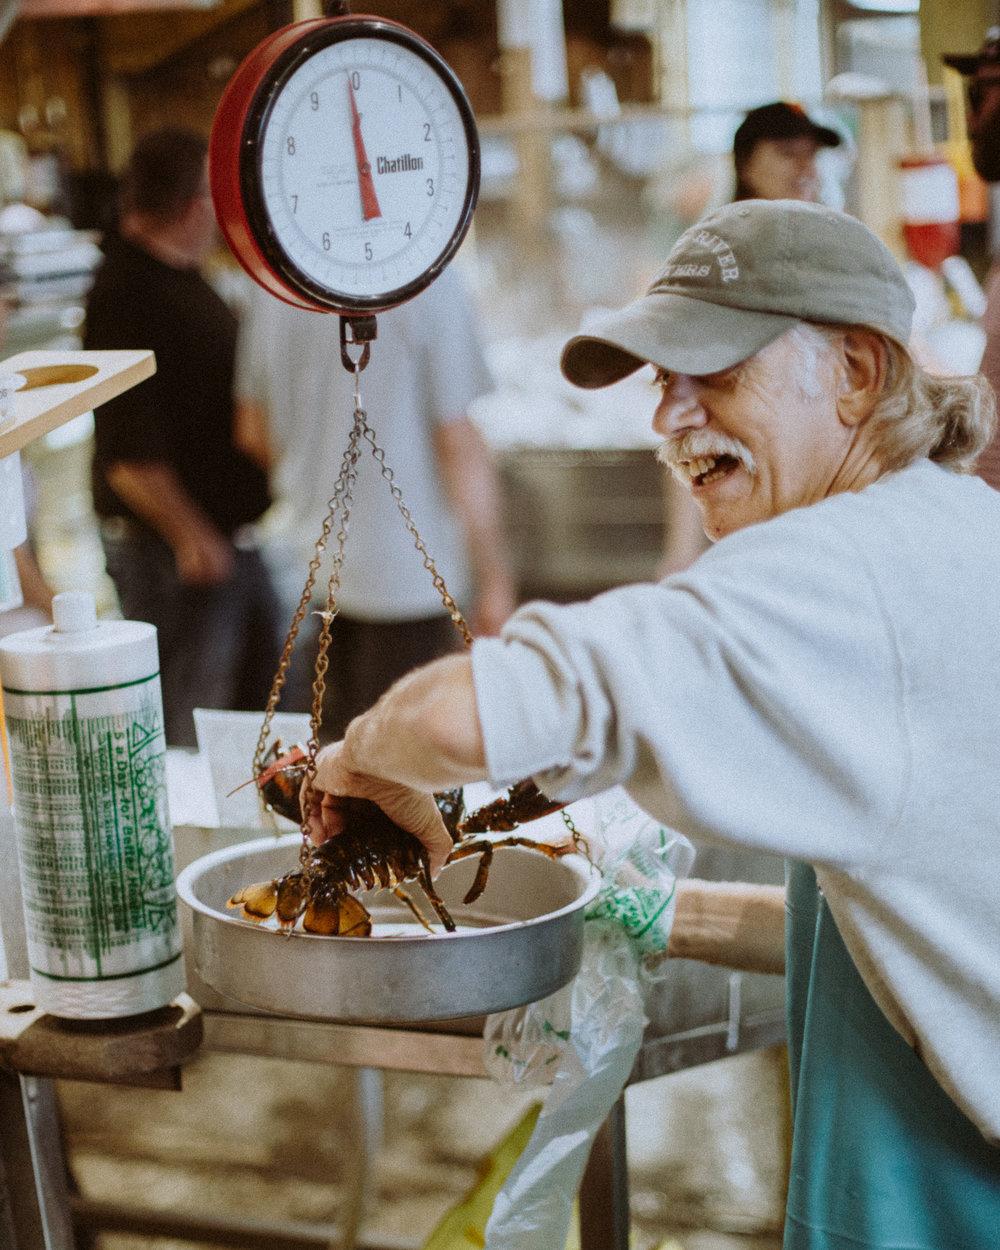 LobsterDinnerWebsite (3 of 31).jpg